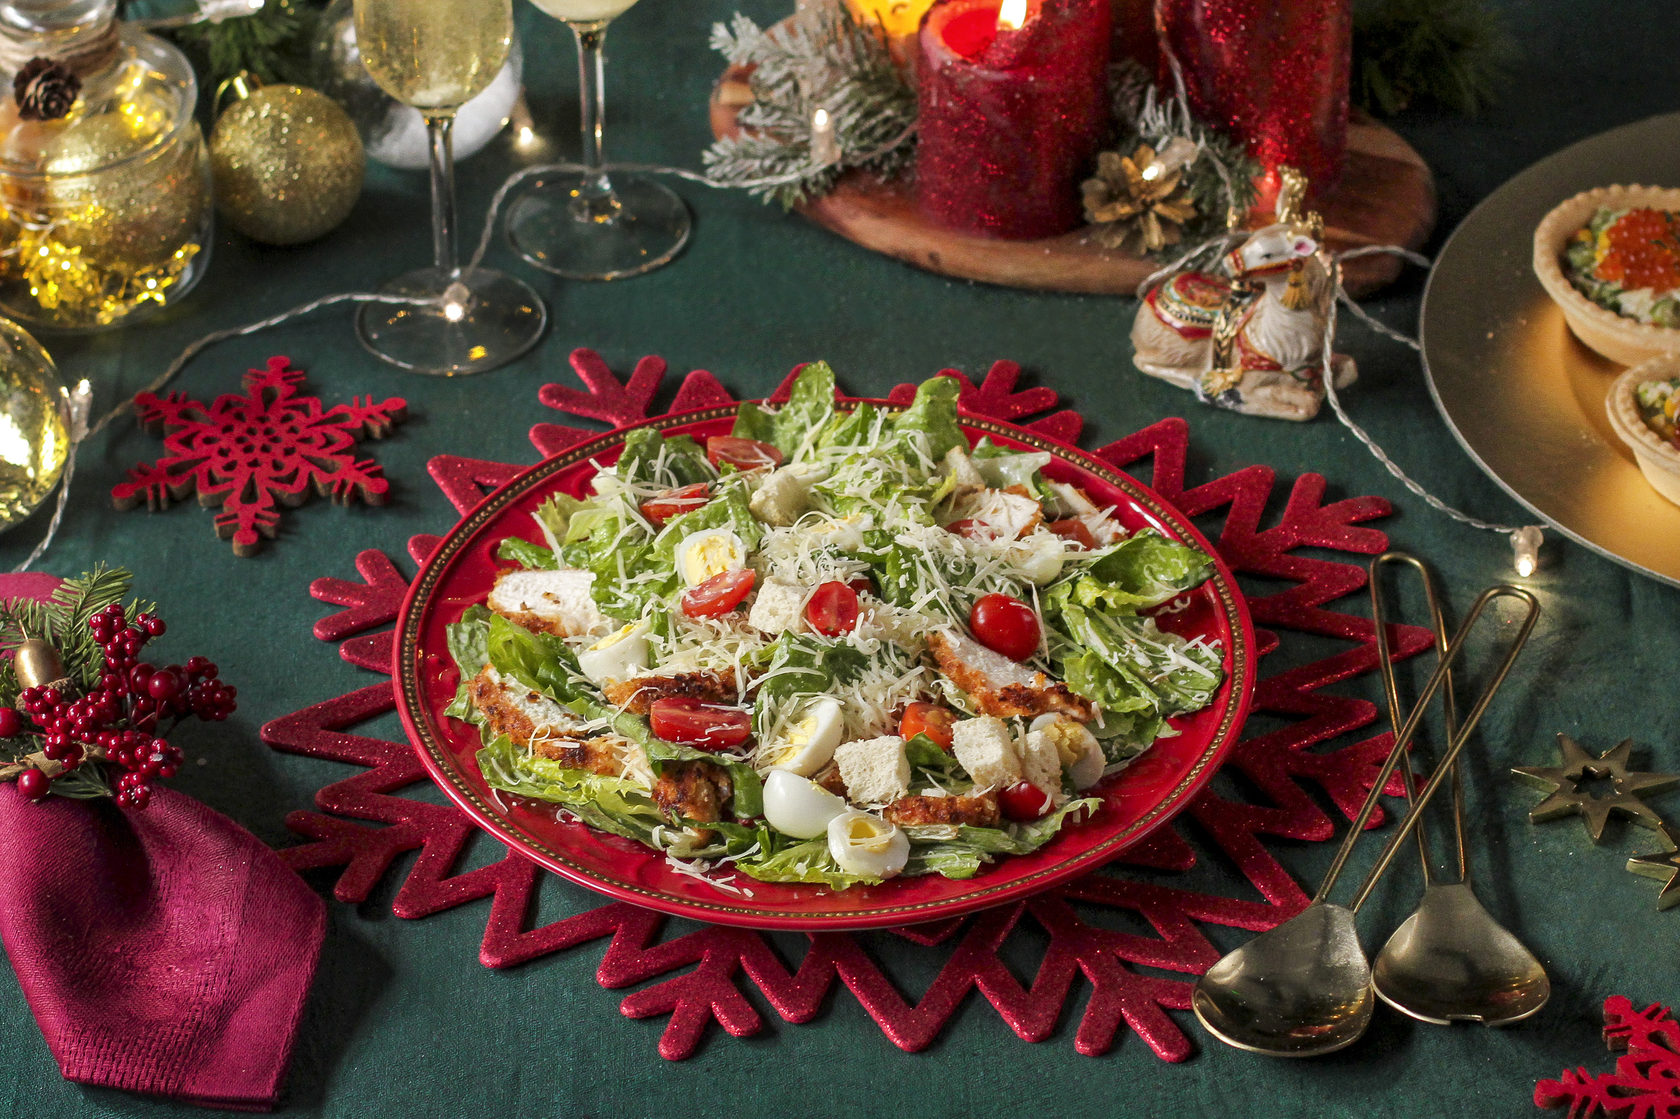 руками рецепты на праздничный торжественный ужин с фото камин натурального